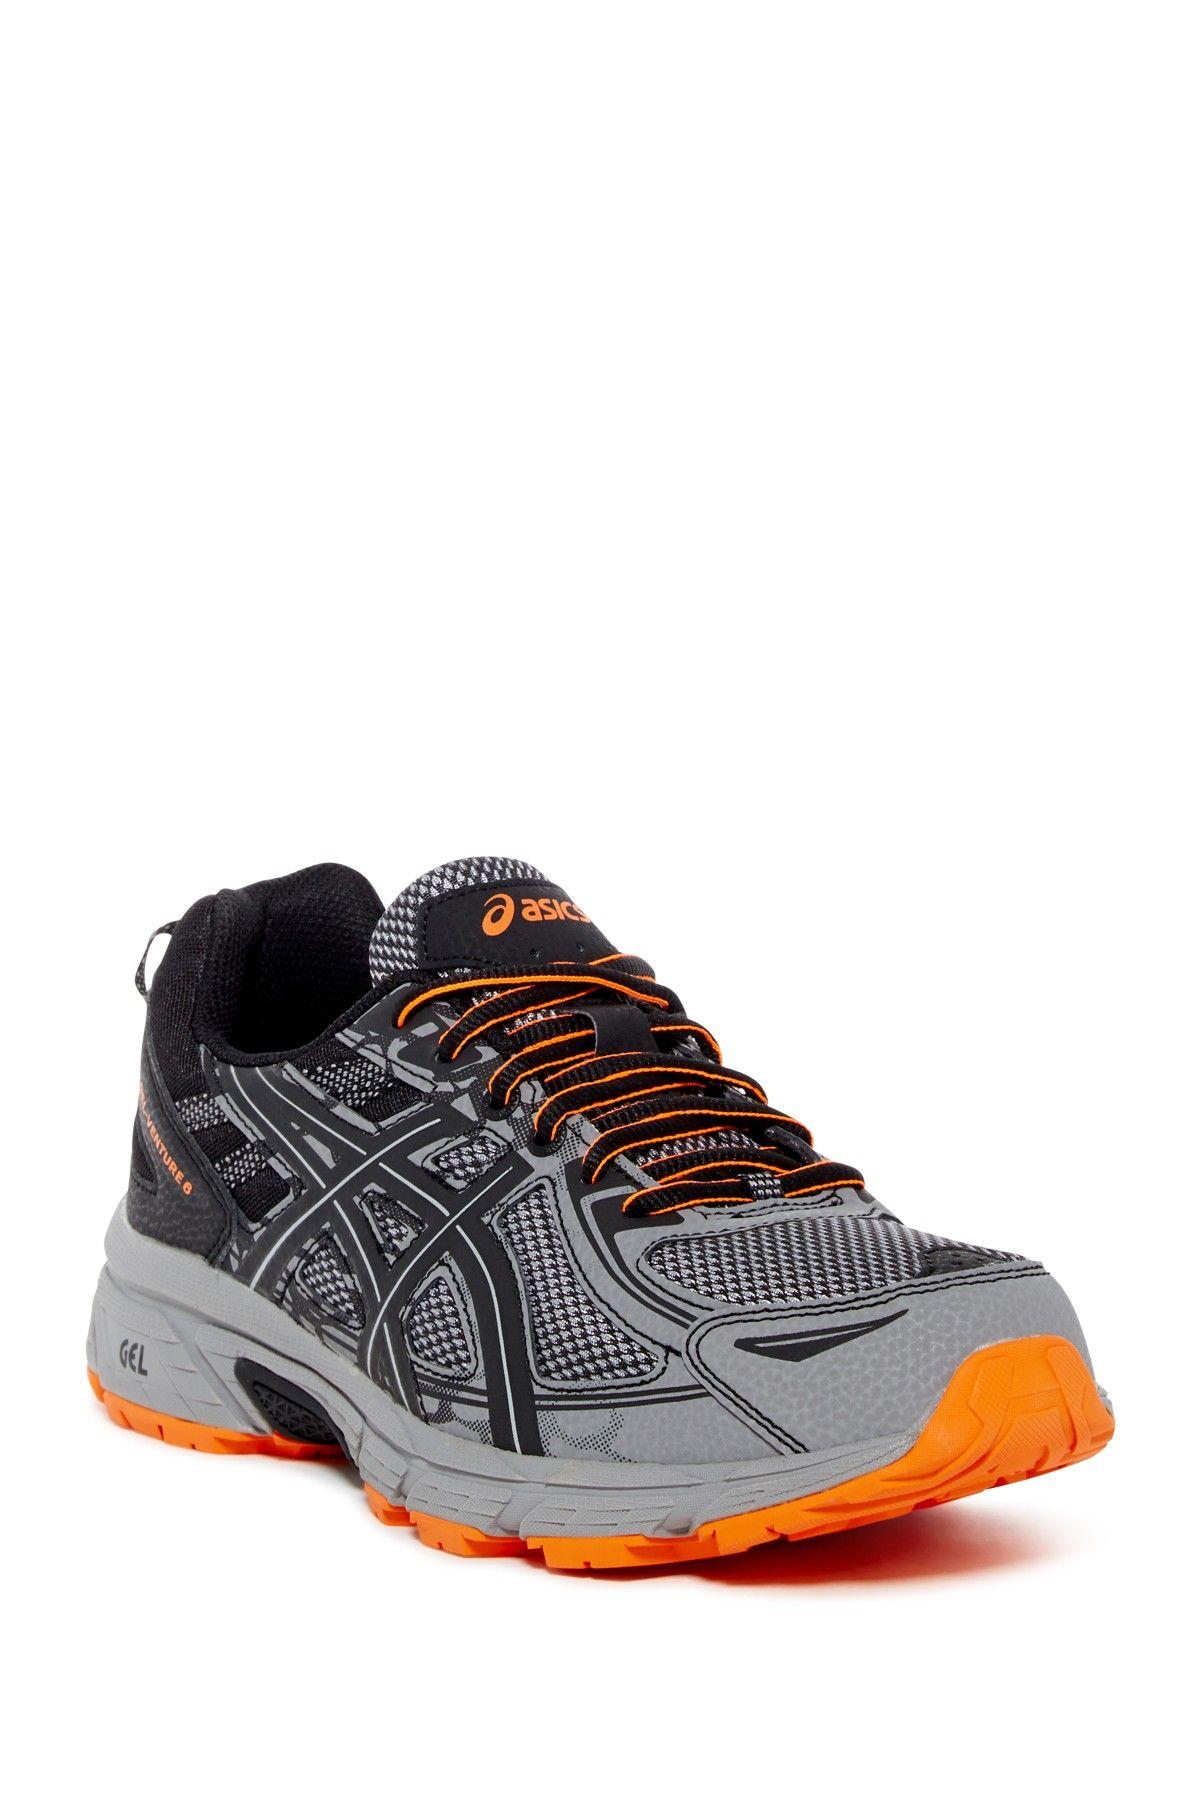 Gel venture 6 Running Sneaker In Frst Gry p   Sneakers men